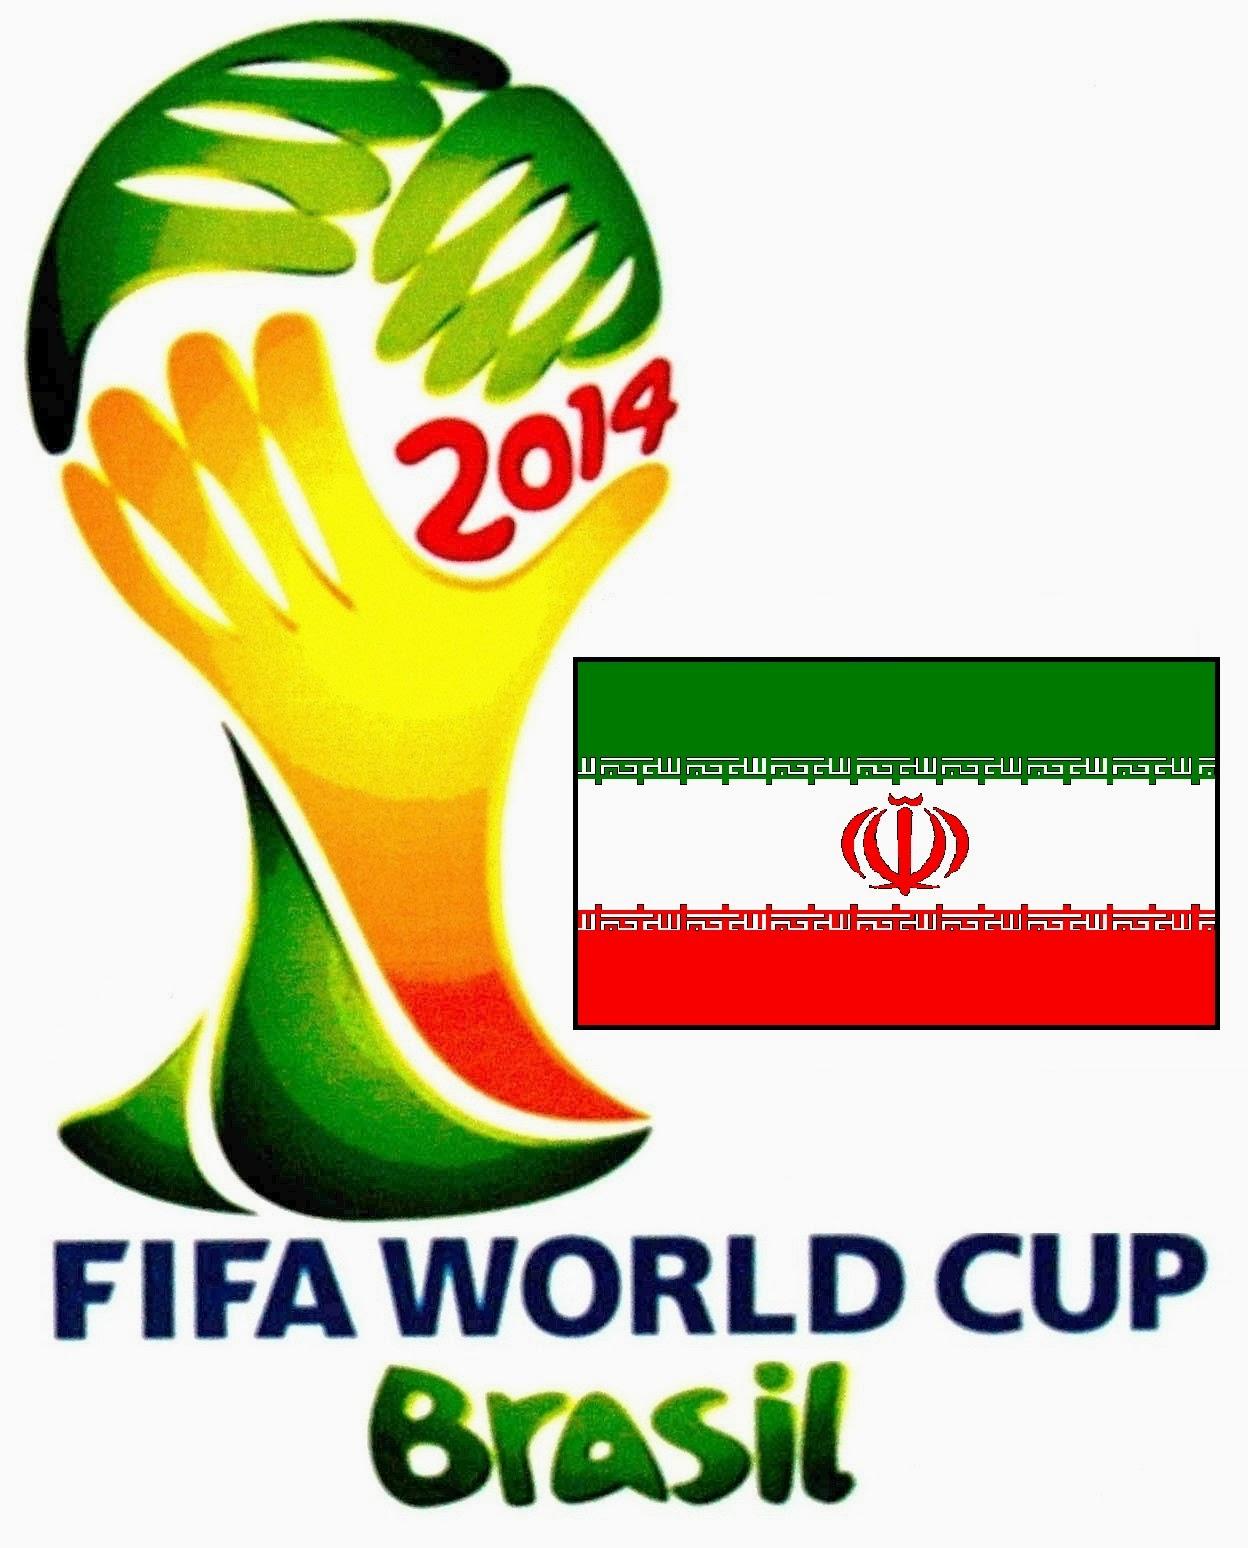 Daftar Nama Pemain Timnas Iran Piala Dunia 2014